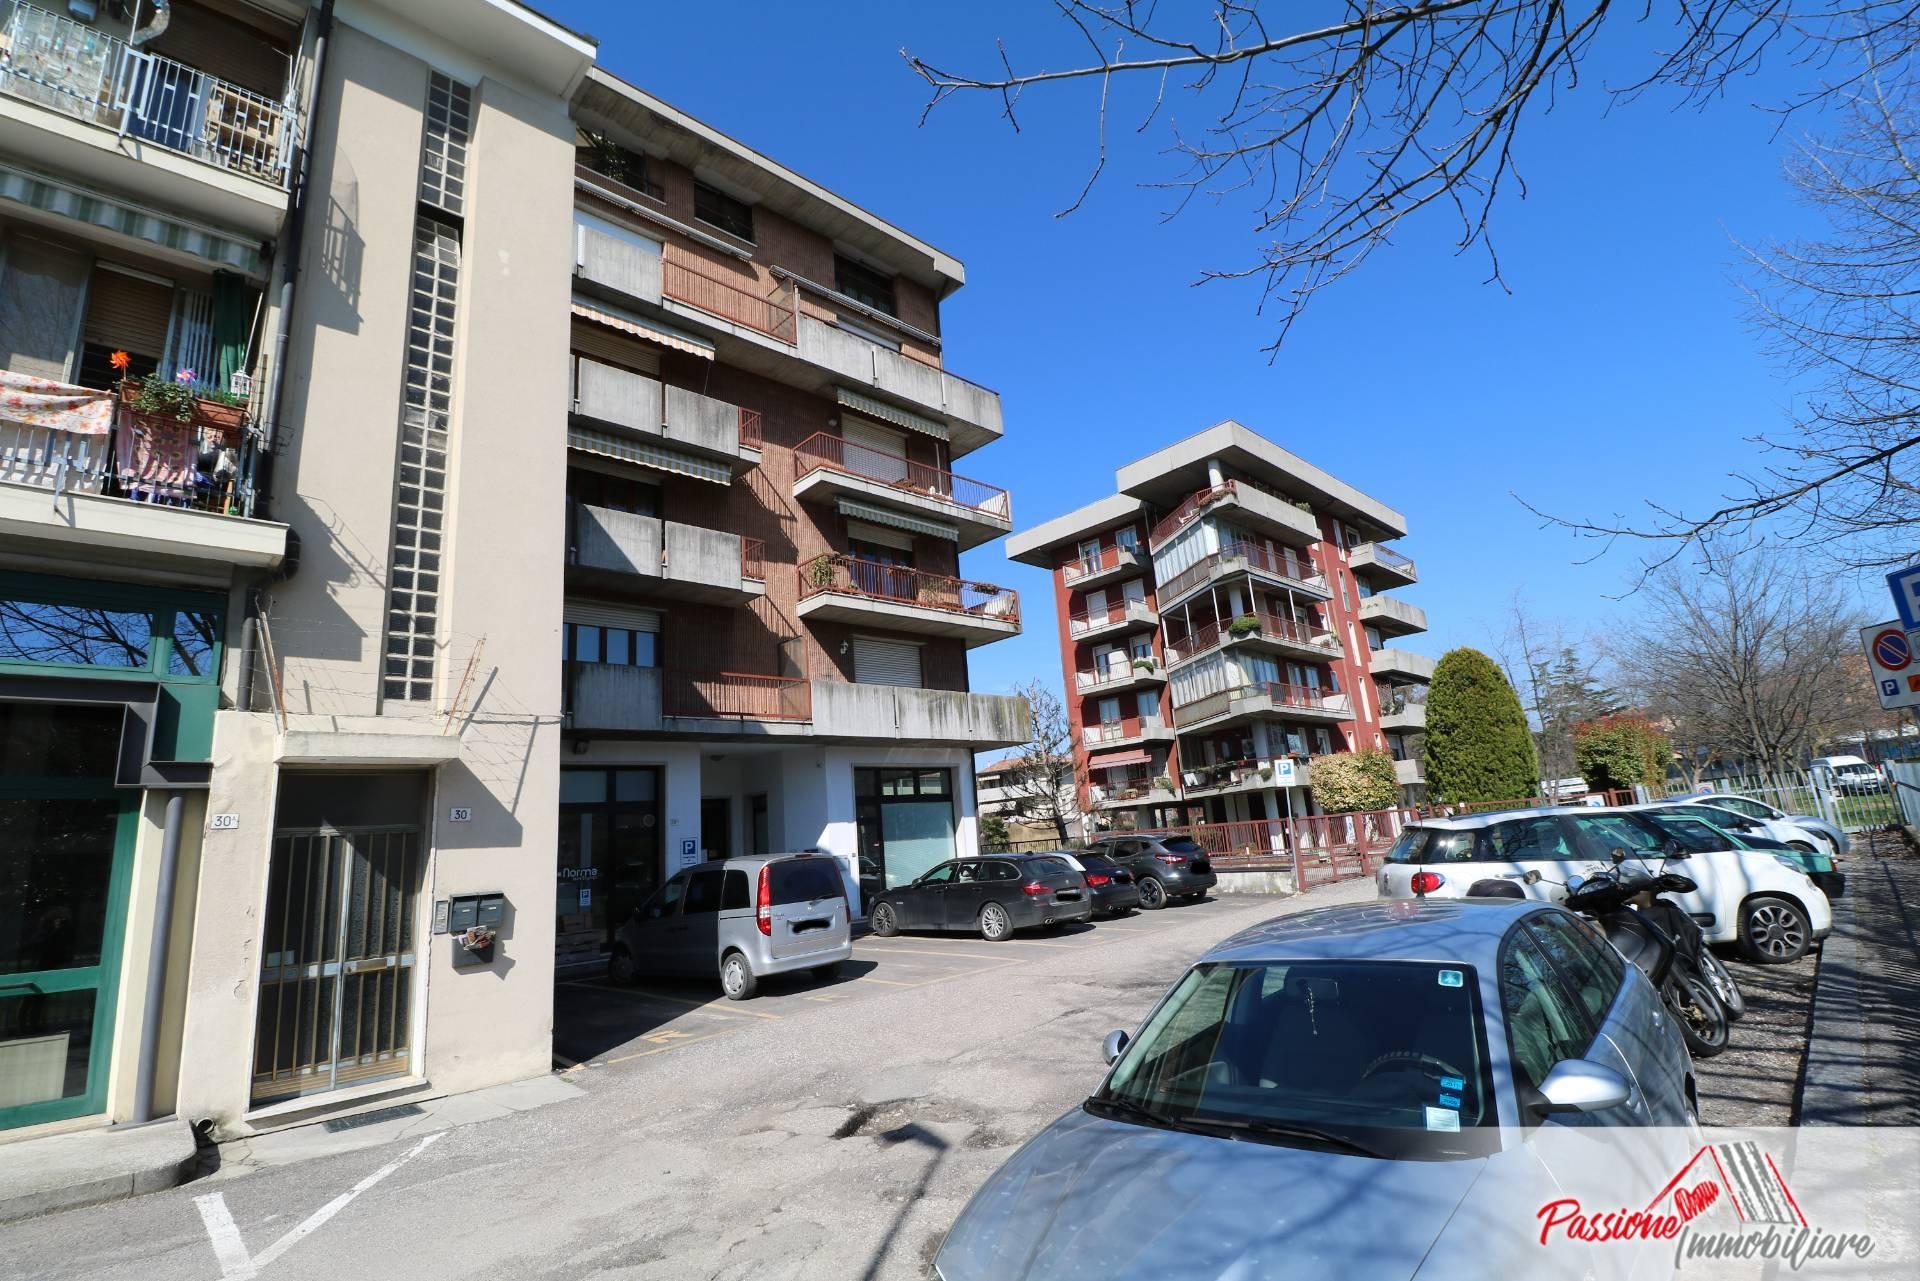 Locale commerciale in vendita a Borgo Milano – Passione Immobiliare Verona